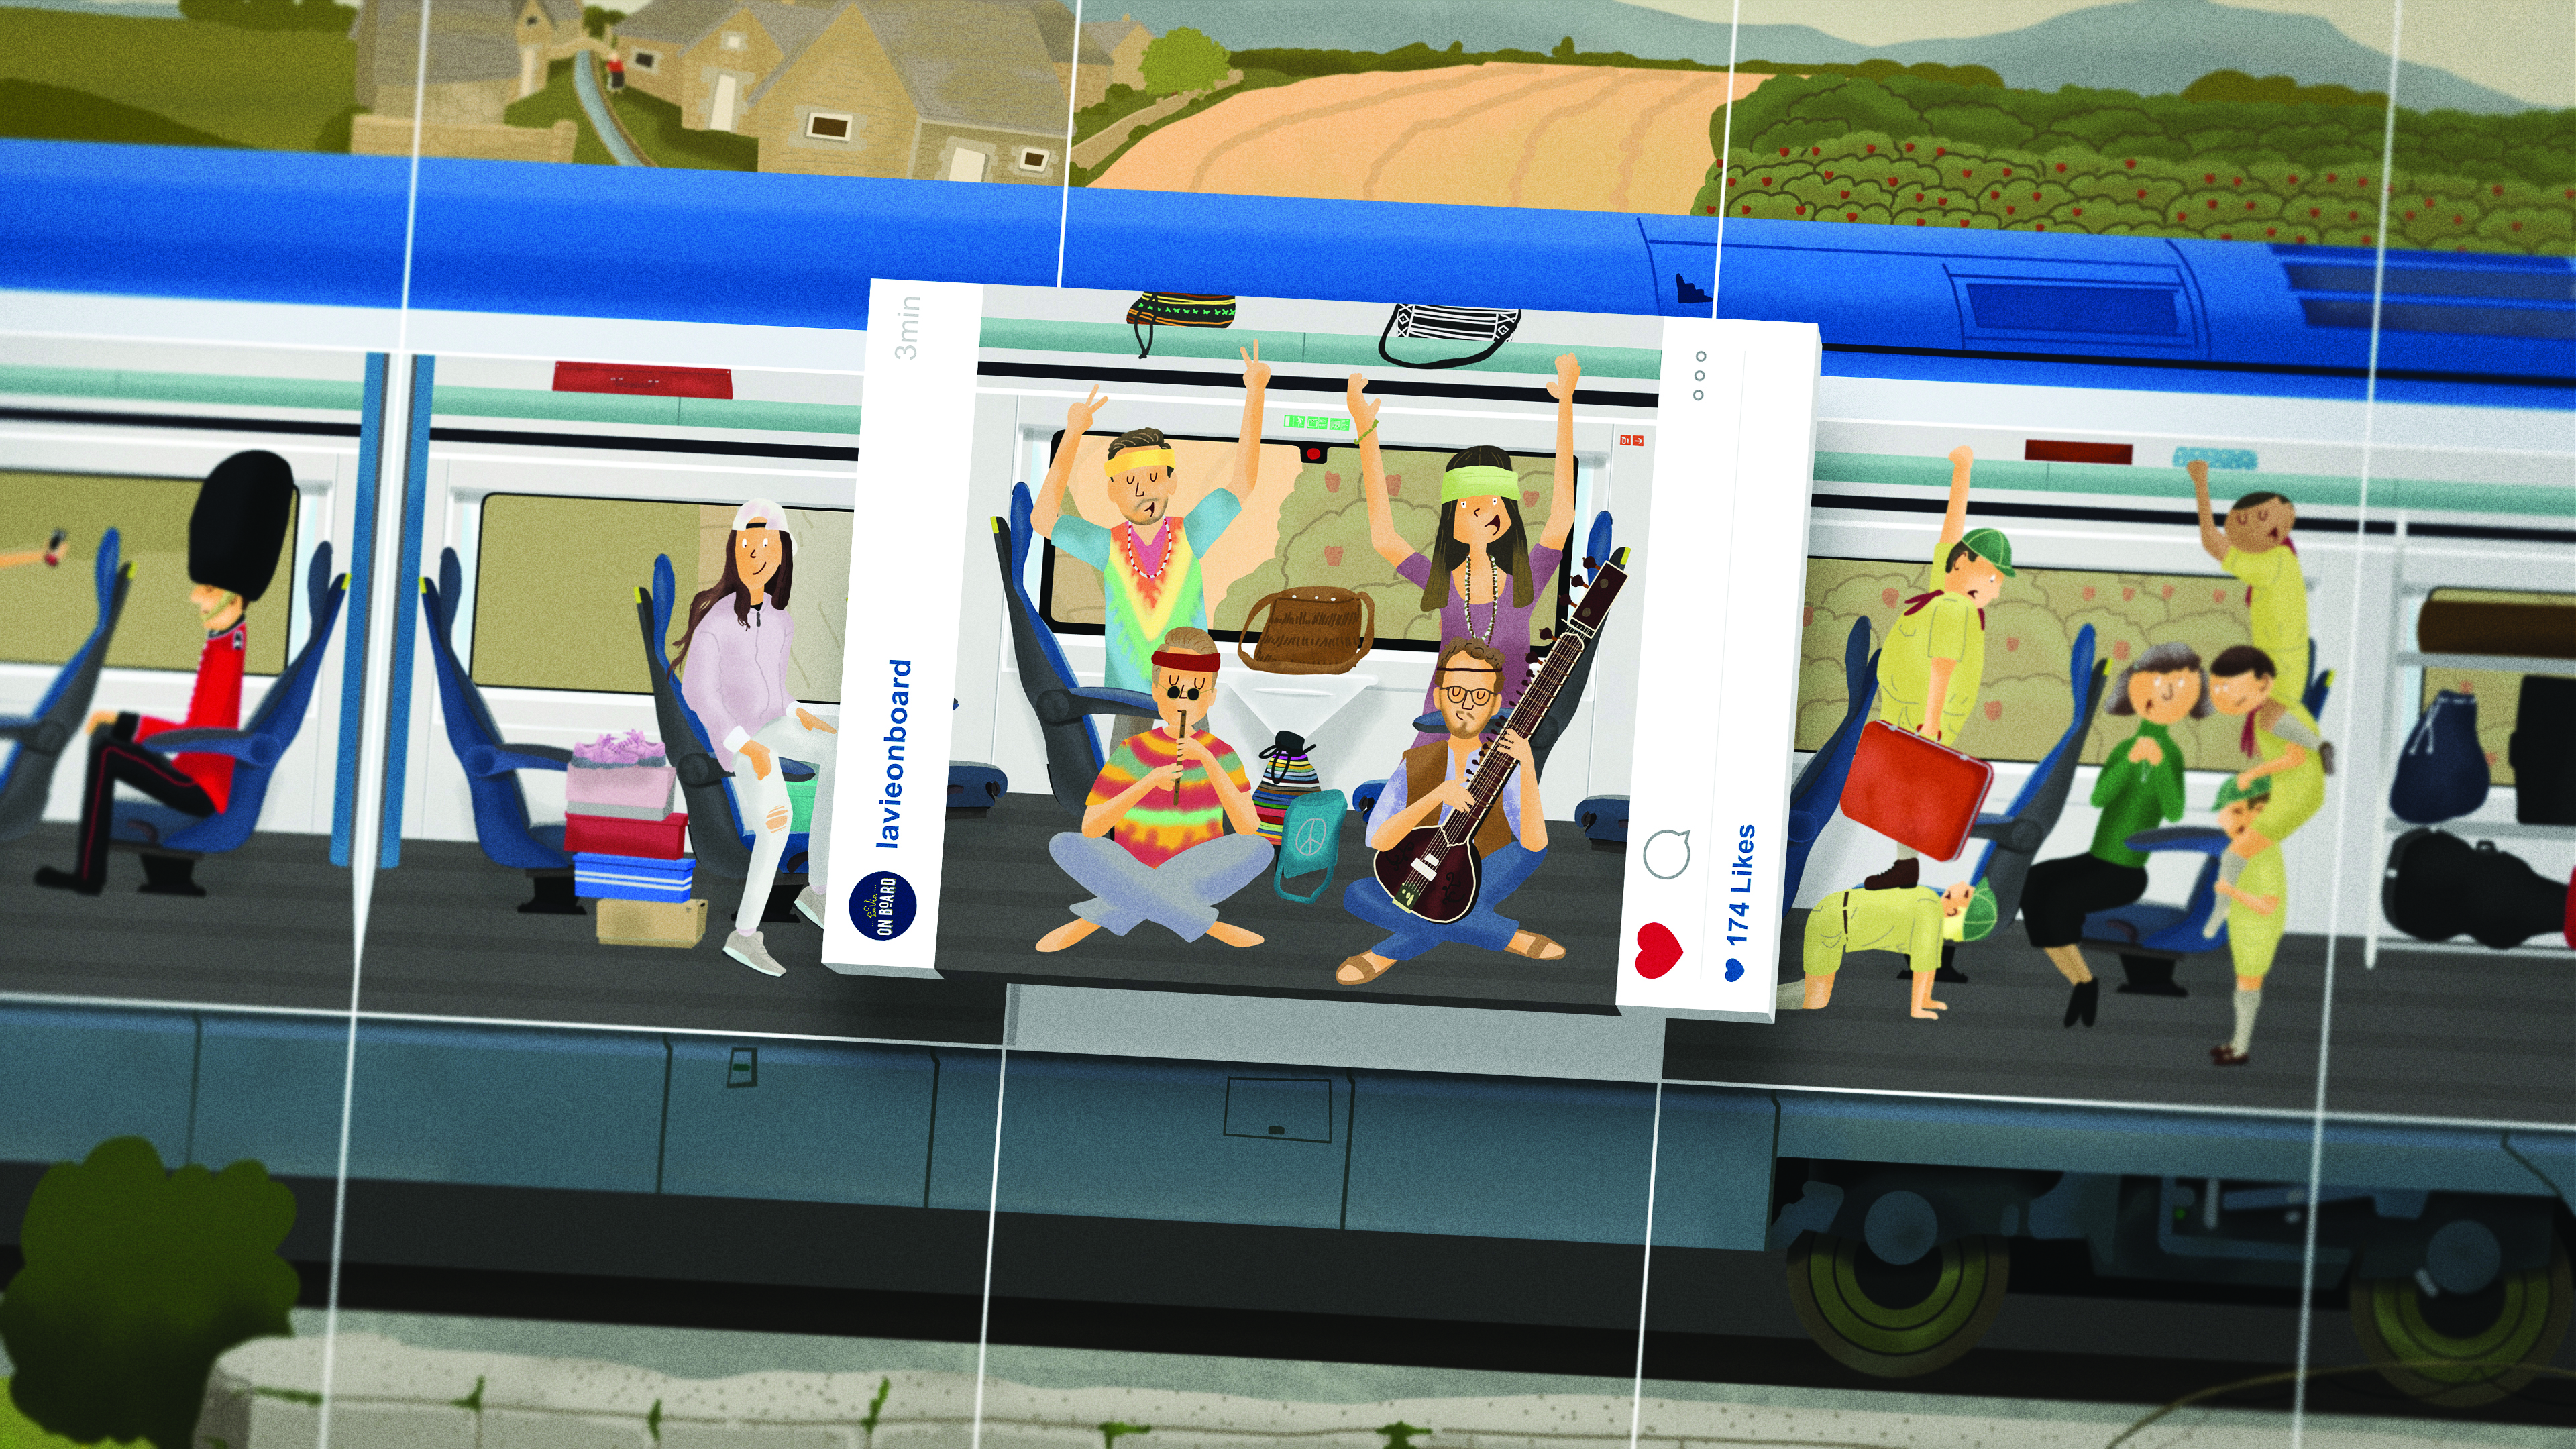 05_Eurostar_lavie_onboard_300dpi